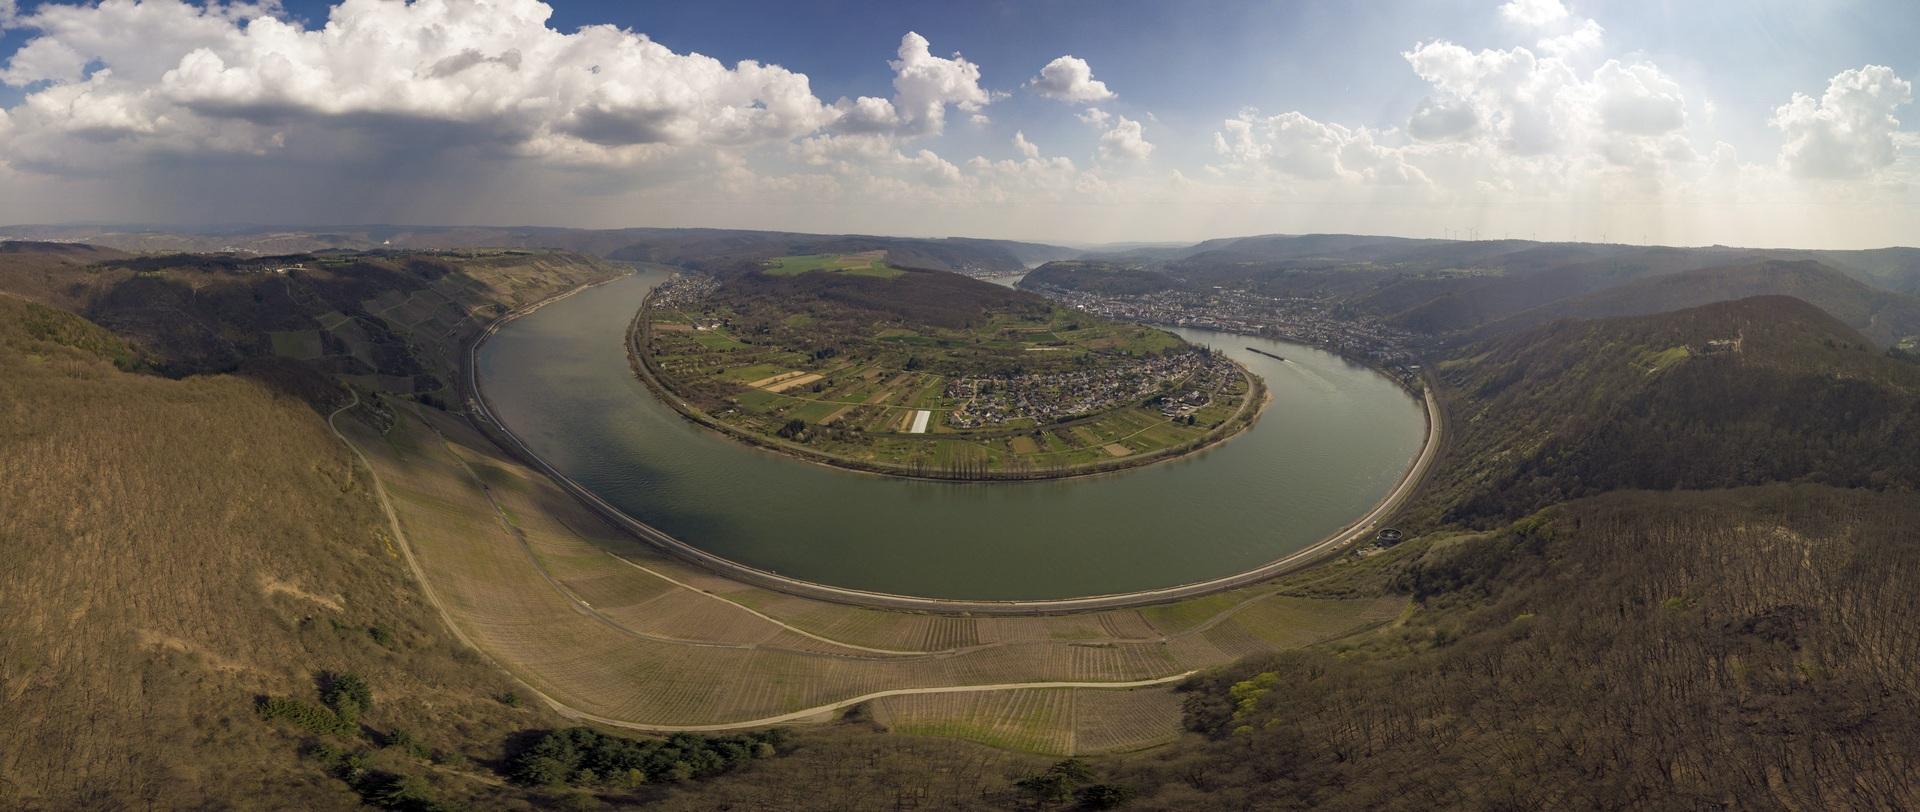 Landschaftsfotografie Panorama Rheinland Drohne